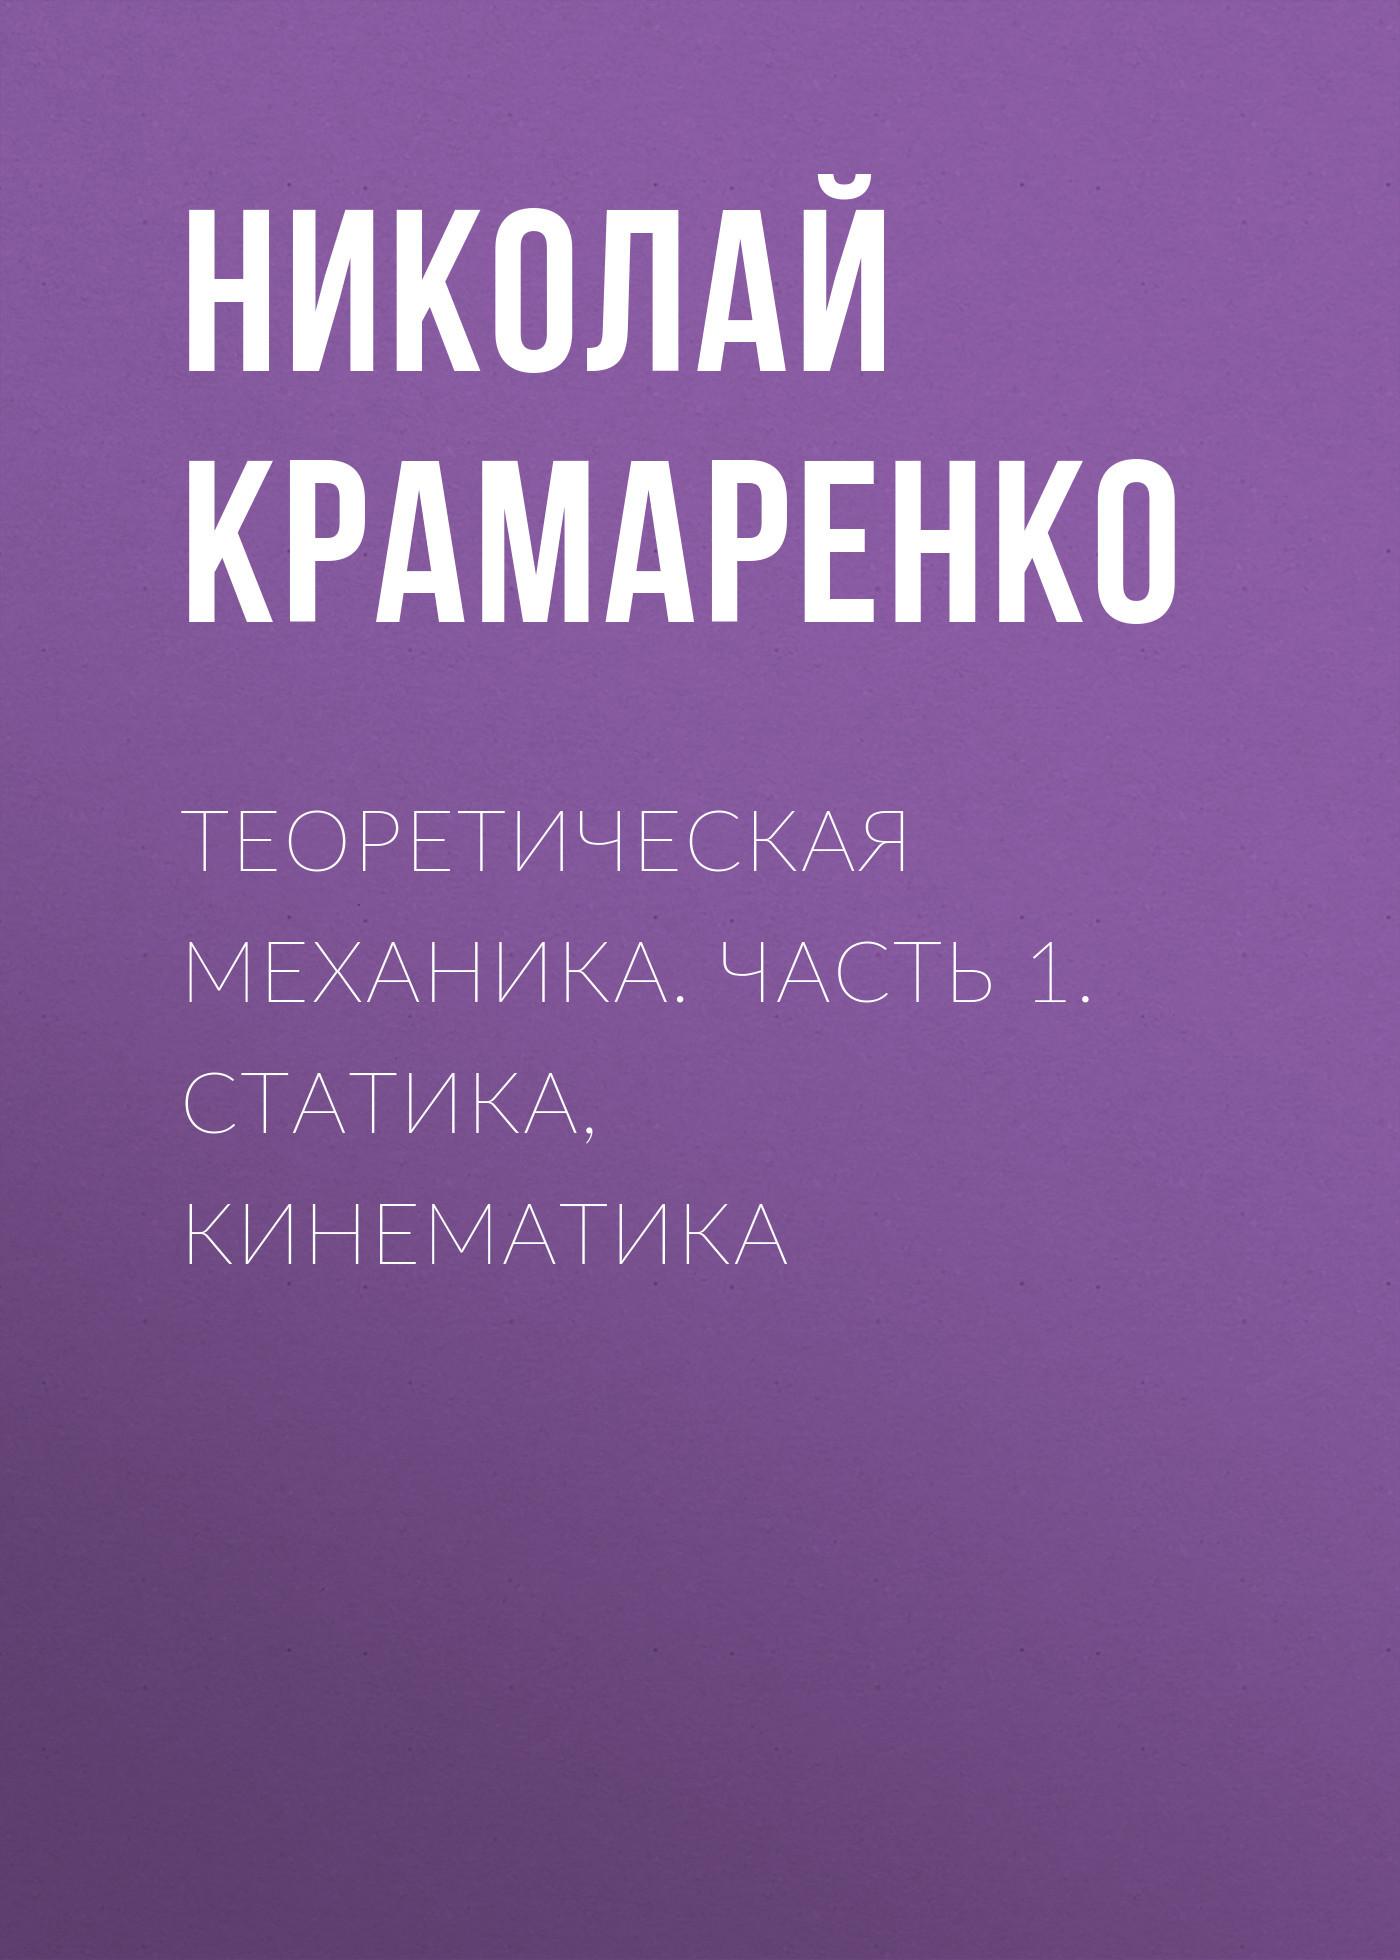 Николай Крамаренко Теоретическая механика. Часть 1. Статика, кинематика